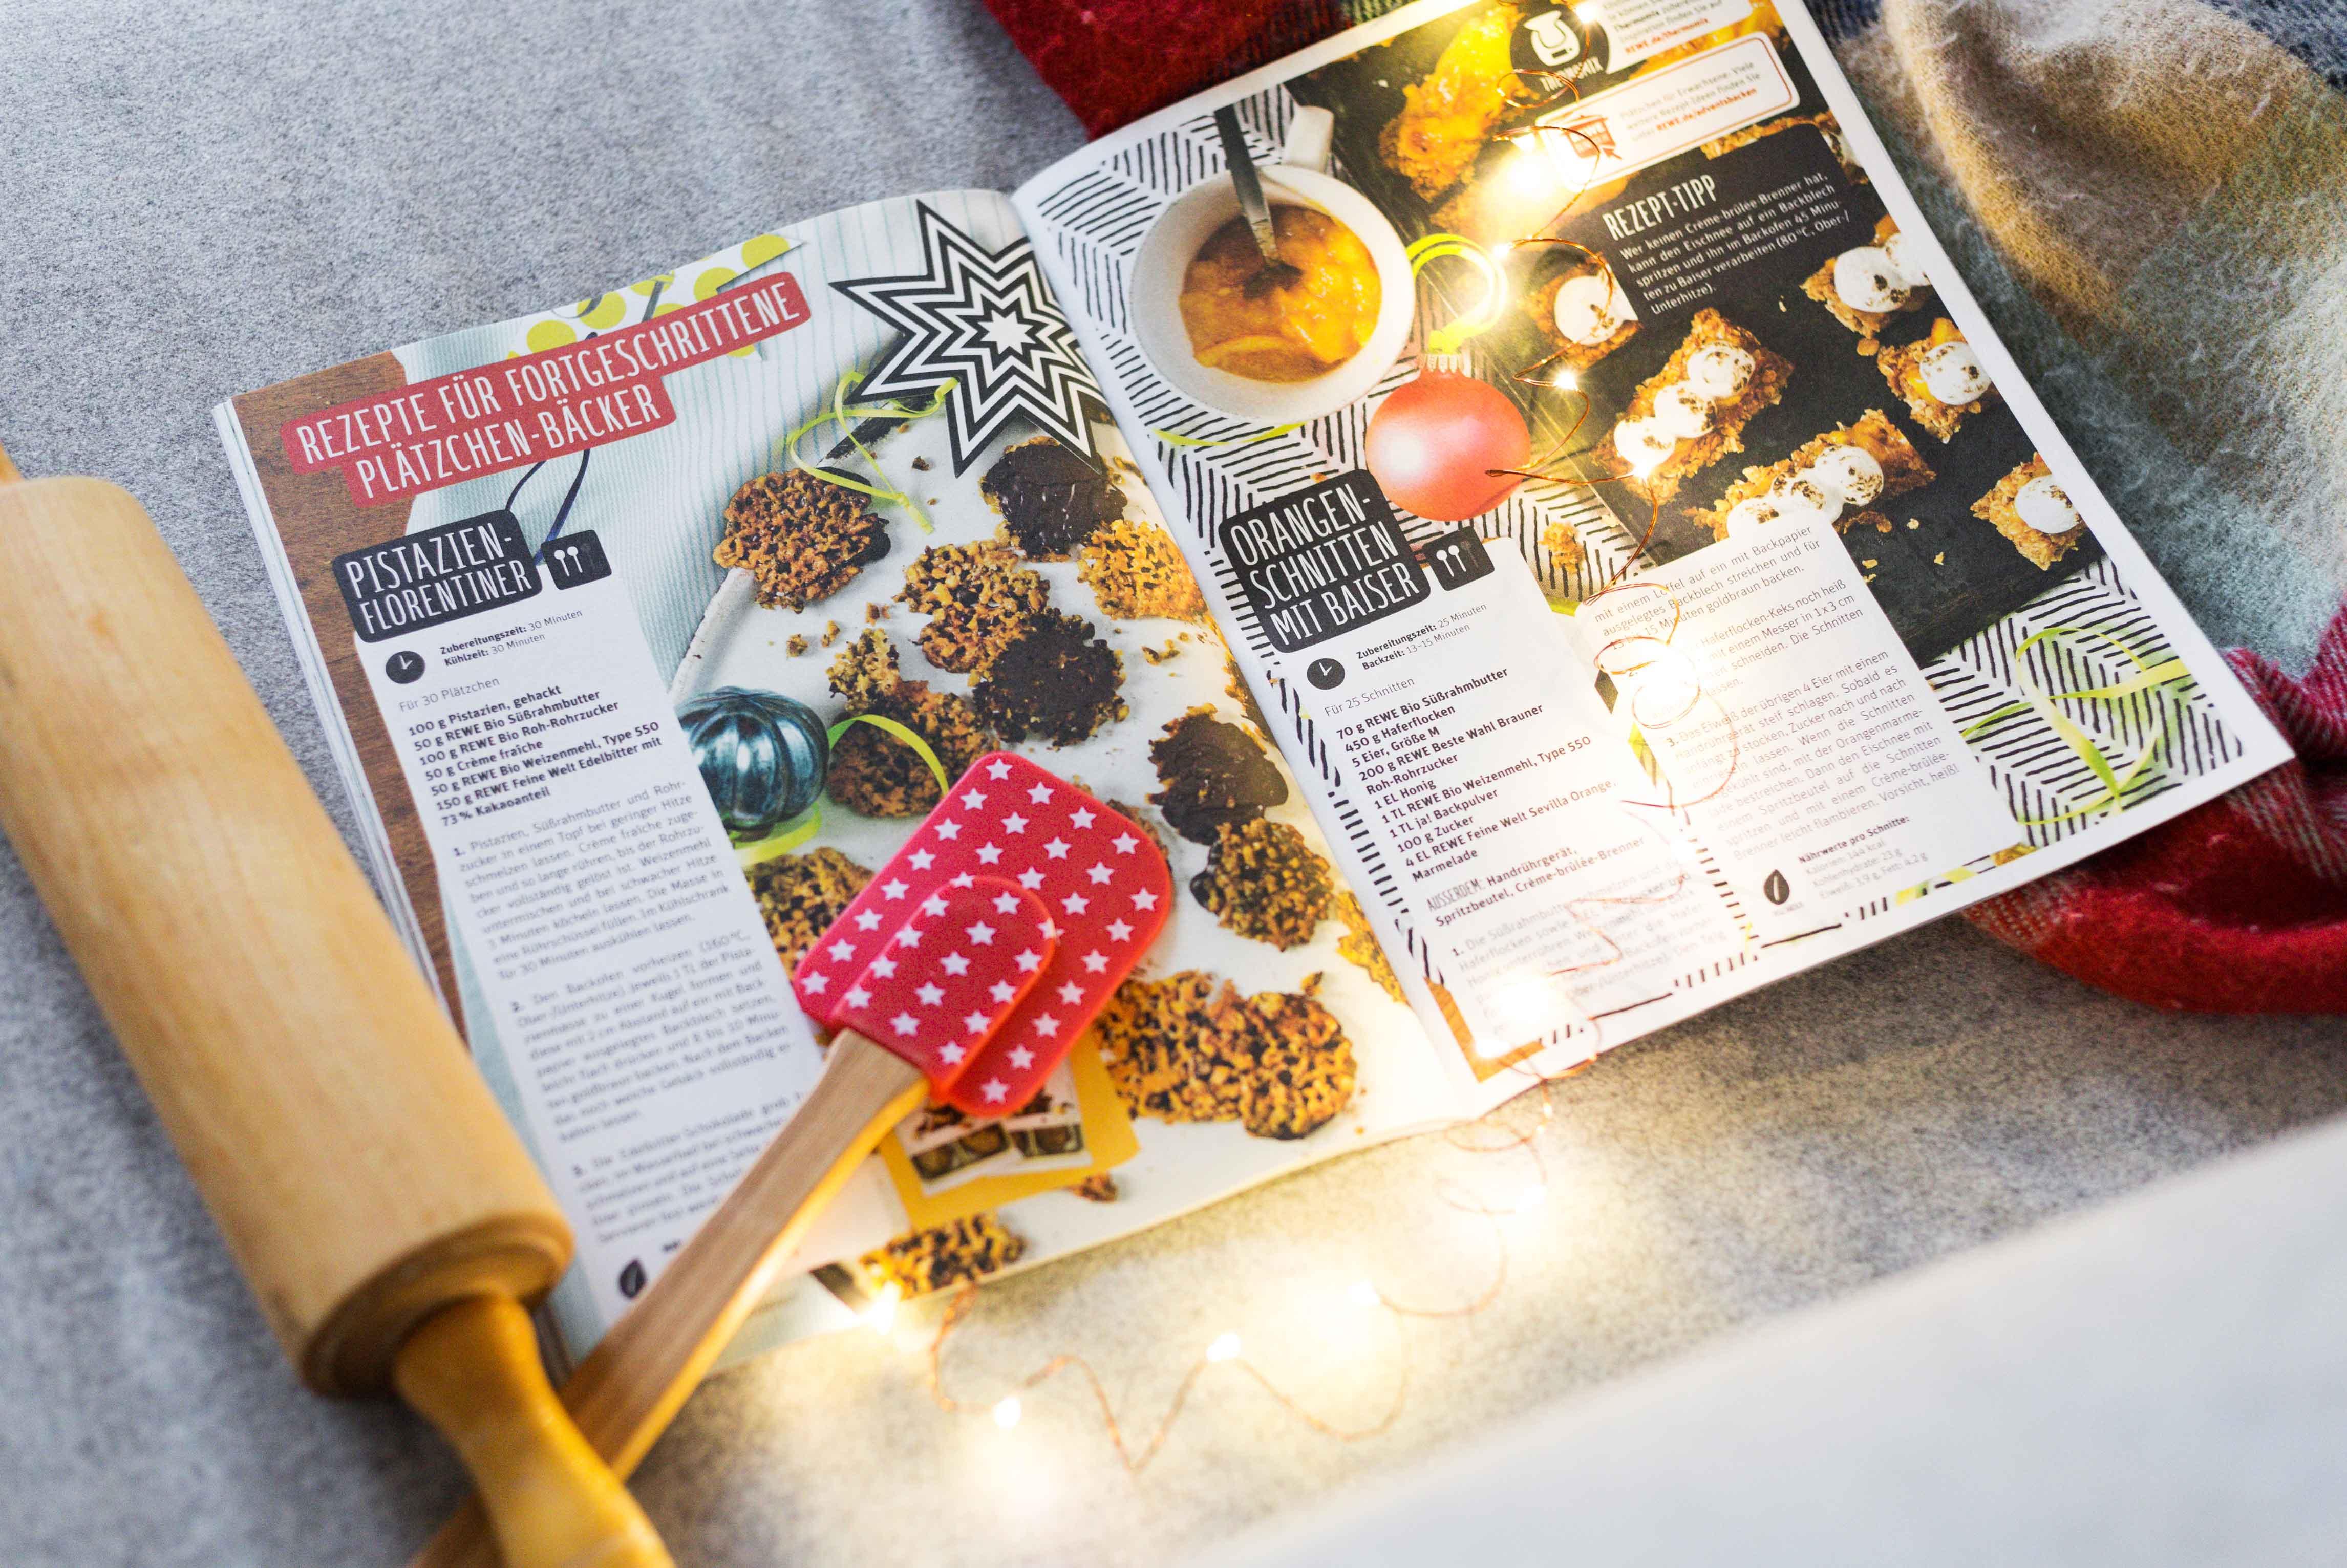 Zeitschrift Rezepte das rewe magazin frisch gut im zeitschriftencheck